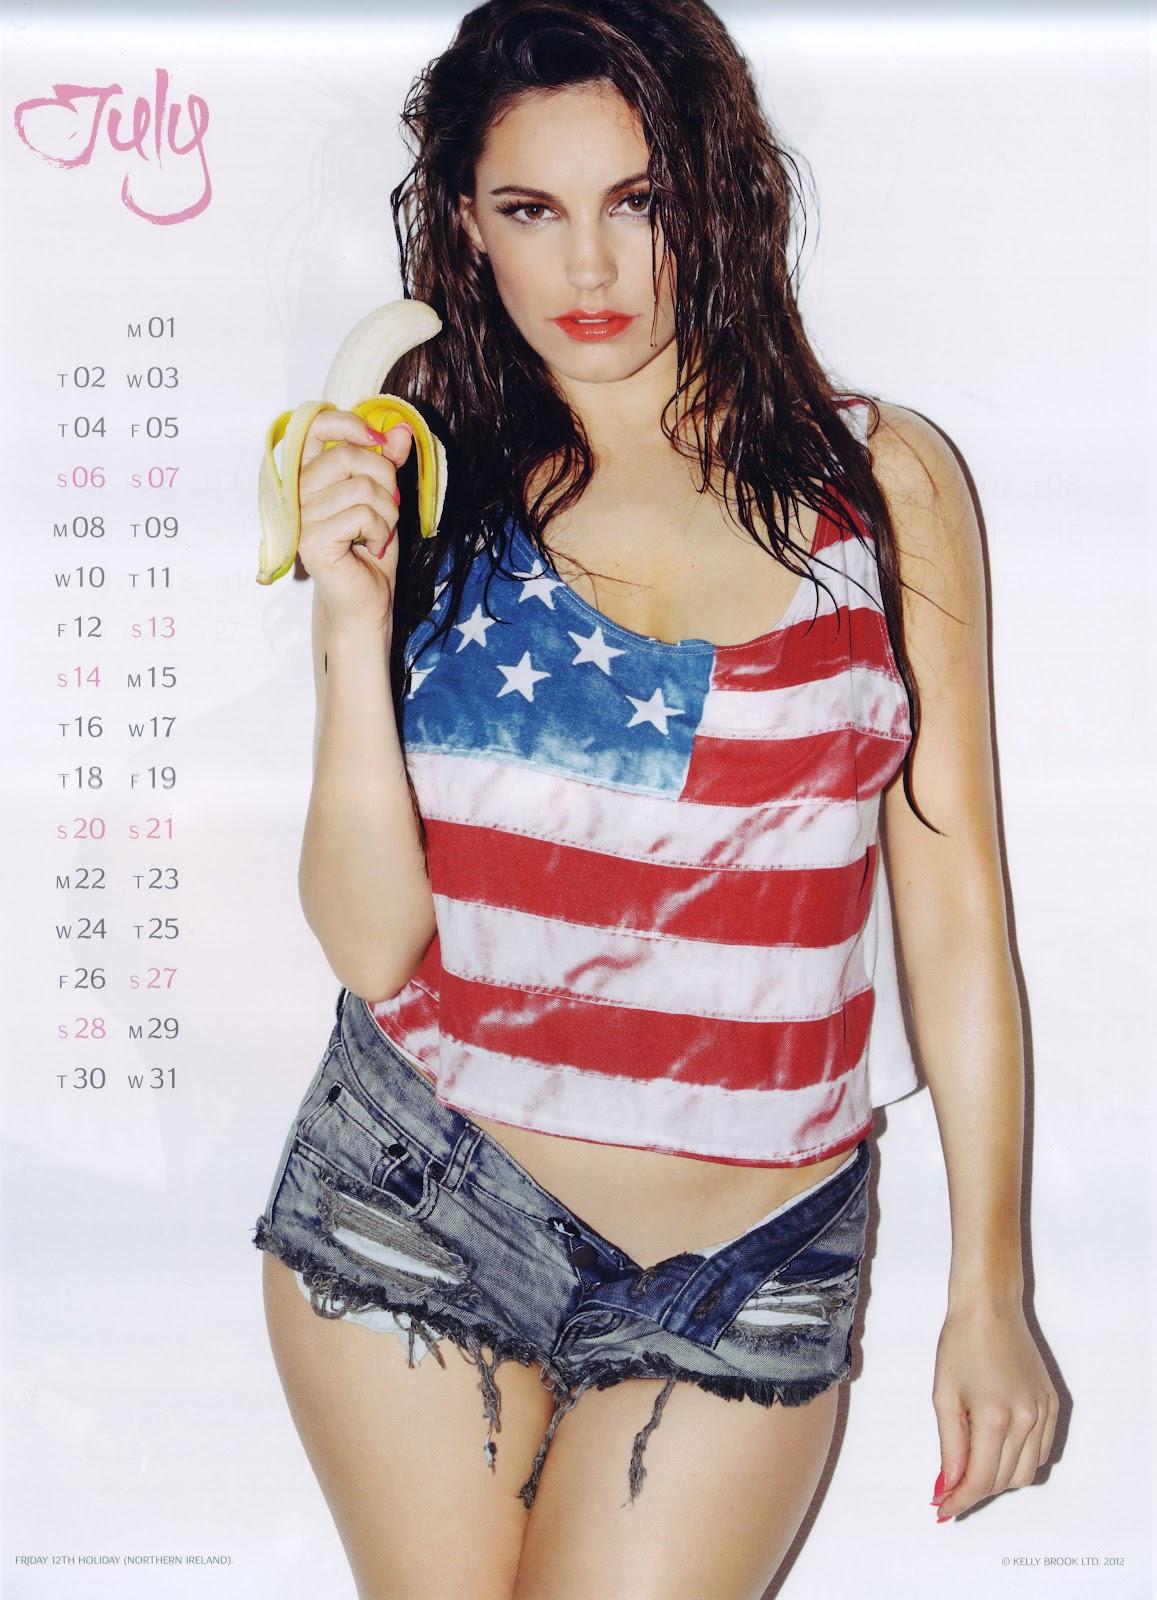 http://4.bp.blogspot.com/-L4jqJTP1ZWk/UF0WLetkEKI/AAAAAAAAOV4/0s6IOSl03OM/s1600/Kelly+Brook+Official+2013+Calendar++-08.jpg